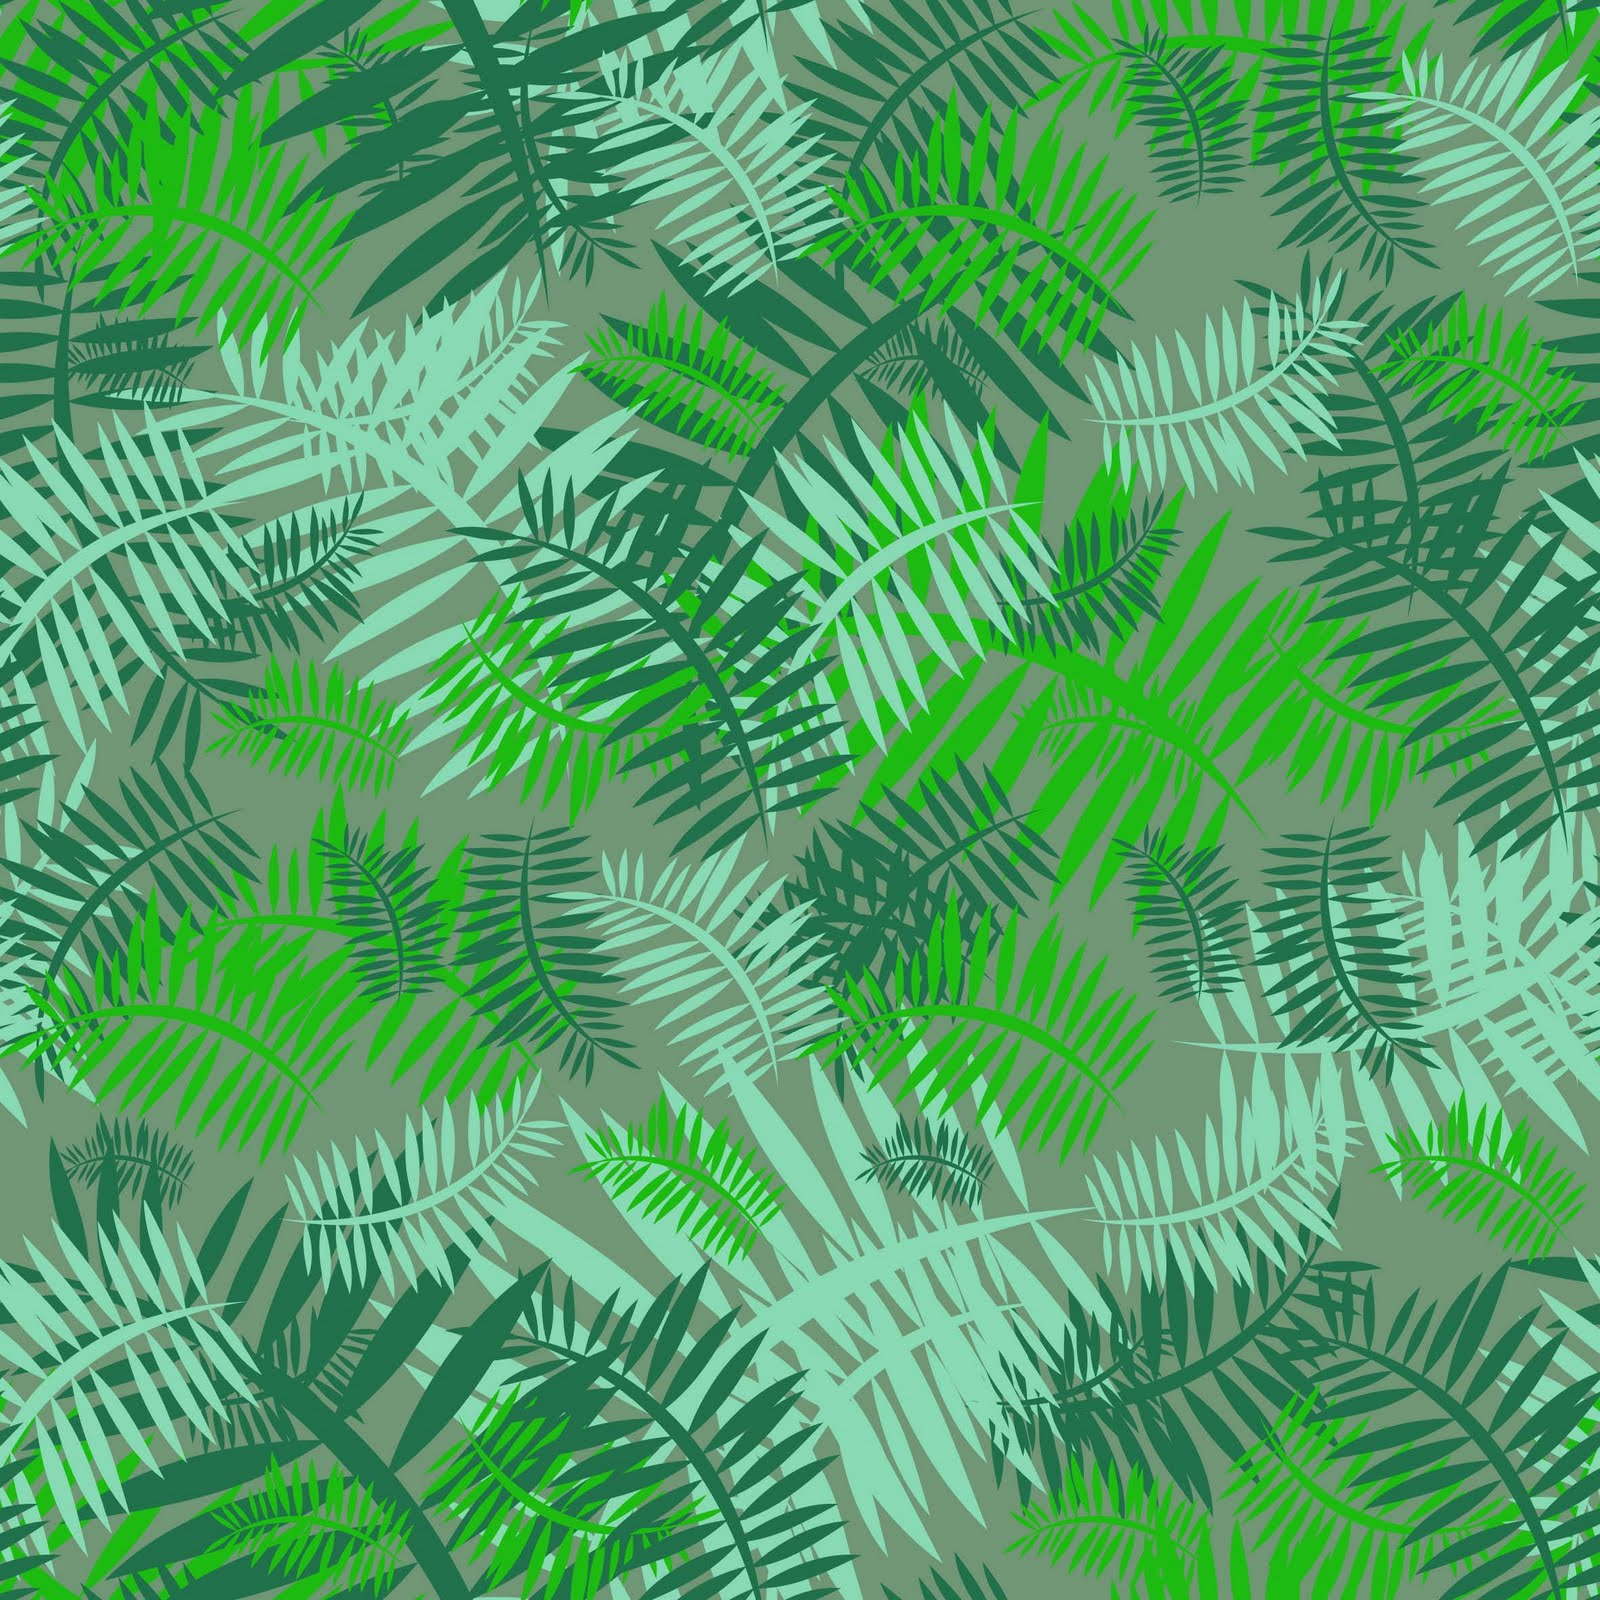 Green Desktop Wallpaper: Green Fern Wallpaper